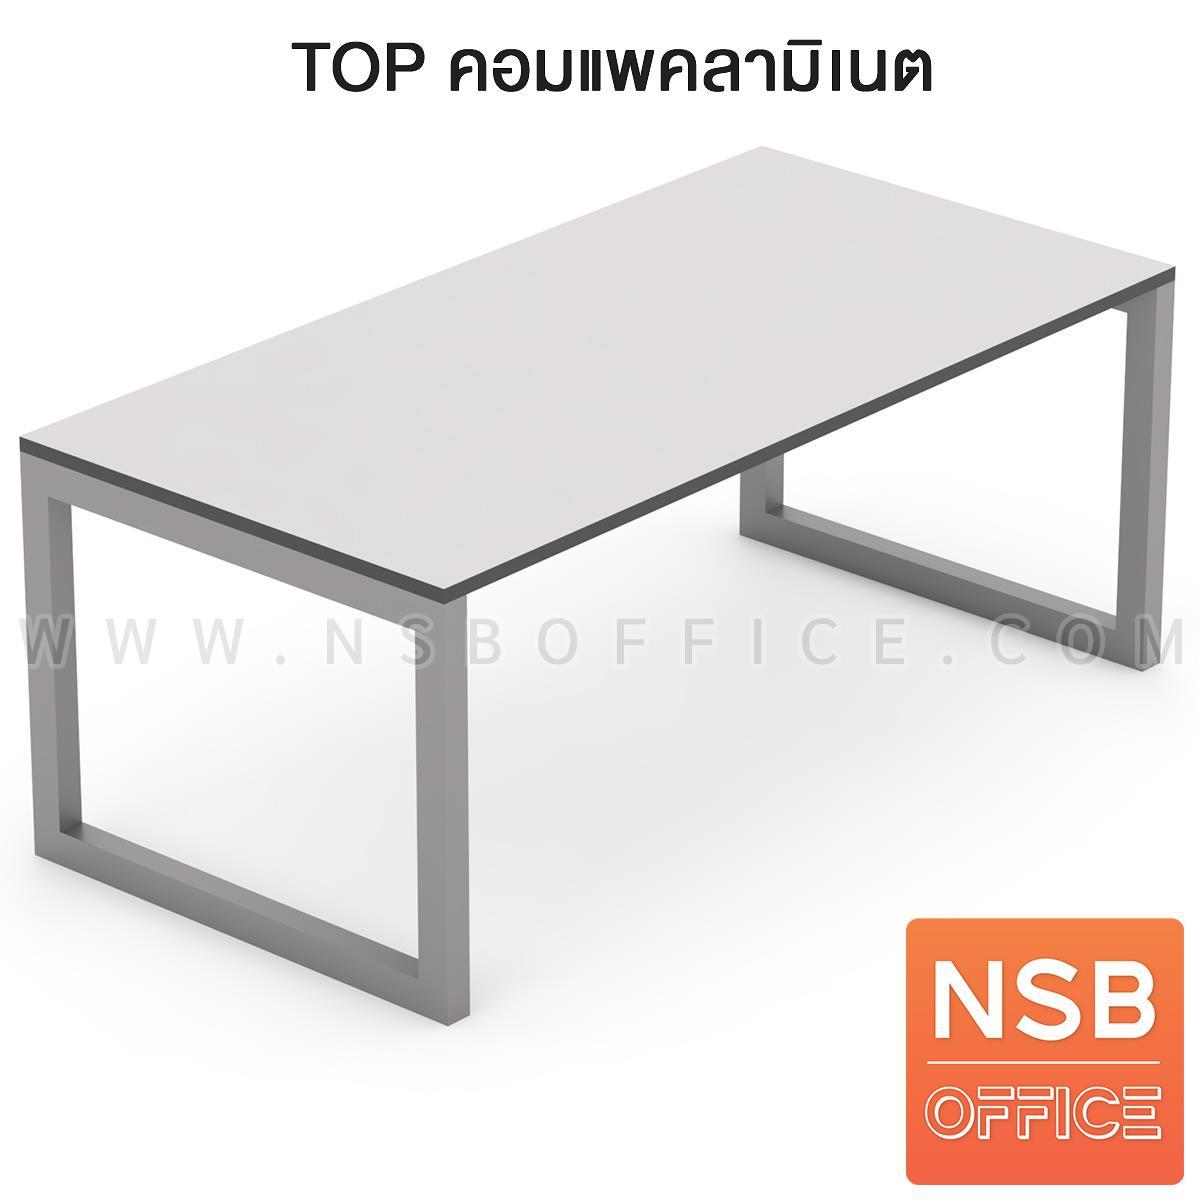 E09A028:โต๊ะงานทดลอง รุ่น Labseries  ขนาด 150W, 180W, 200W cm. หน้าท็อป HPL และคอมแพคลามิเนต ขาเหล็ก EPOXY